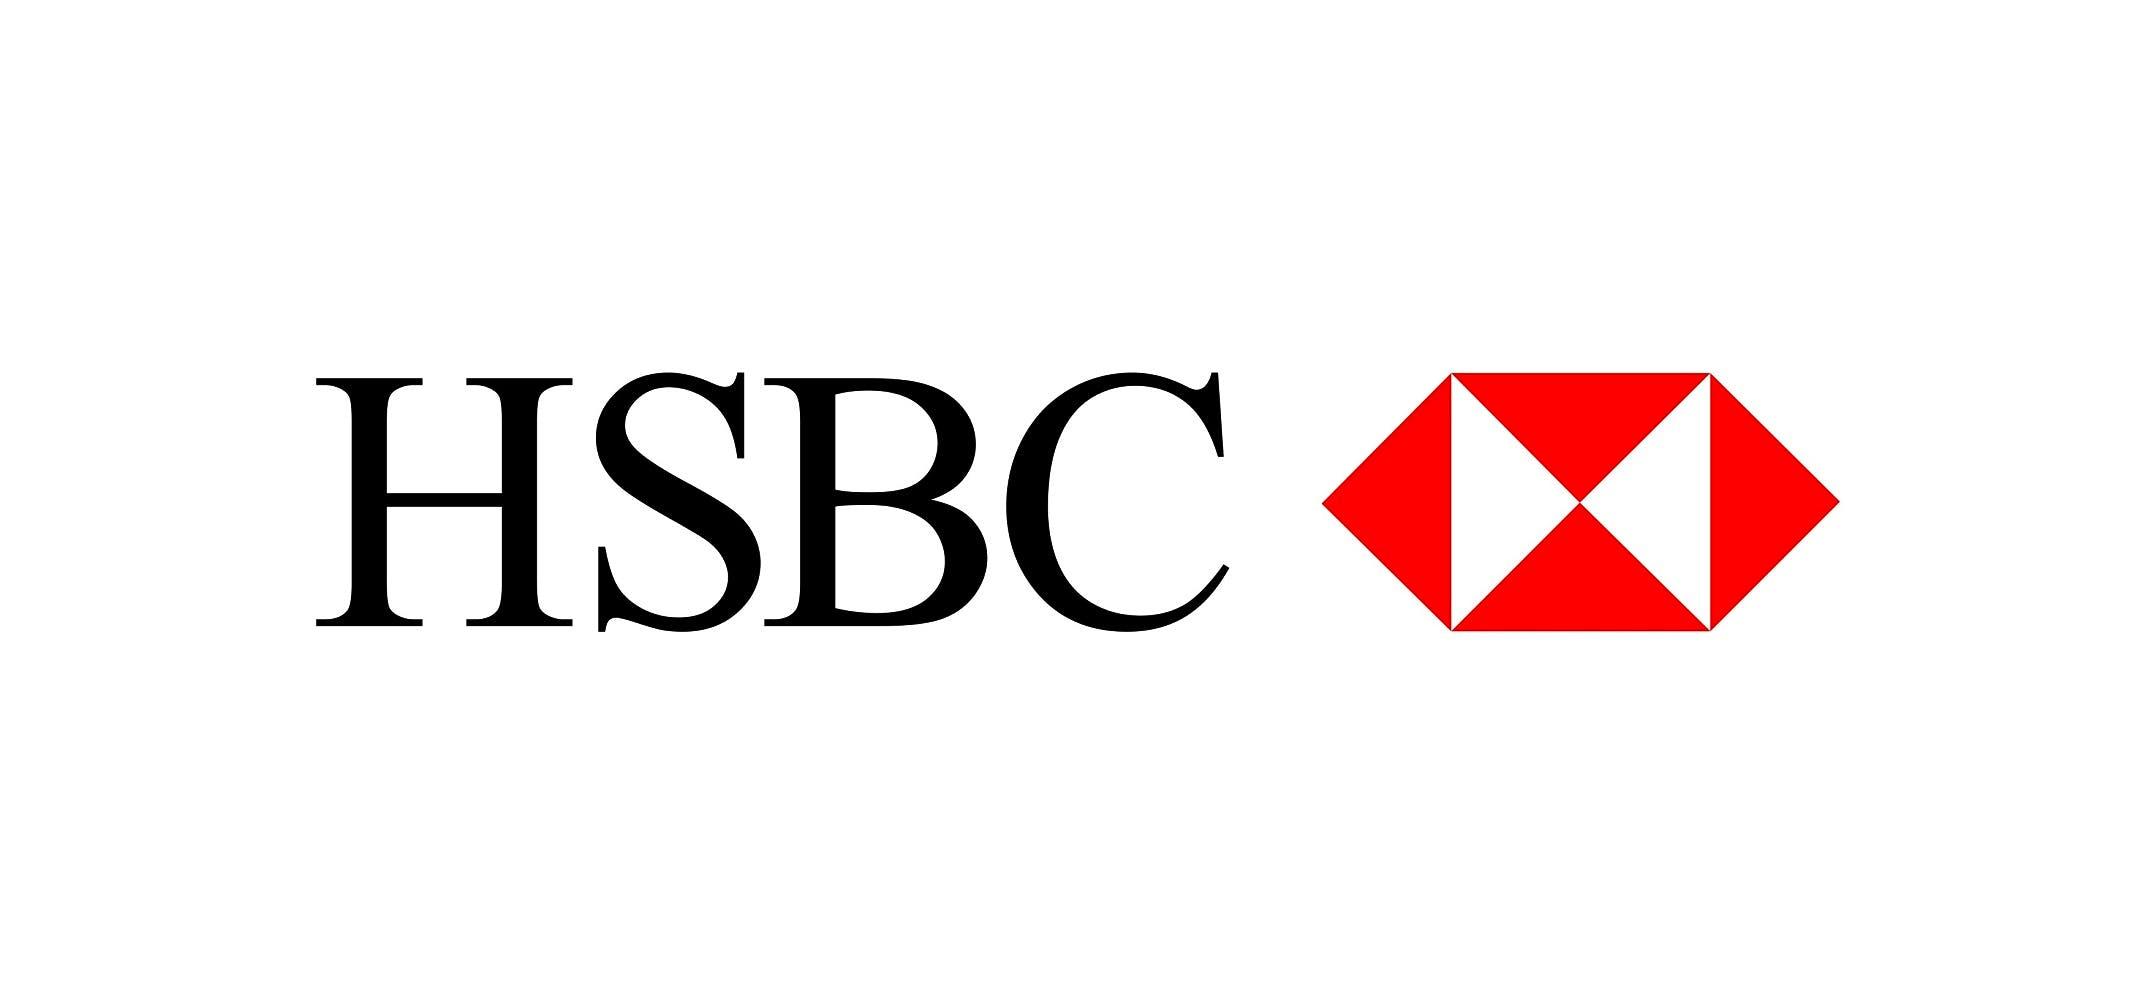 Image for HSBC